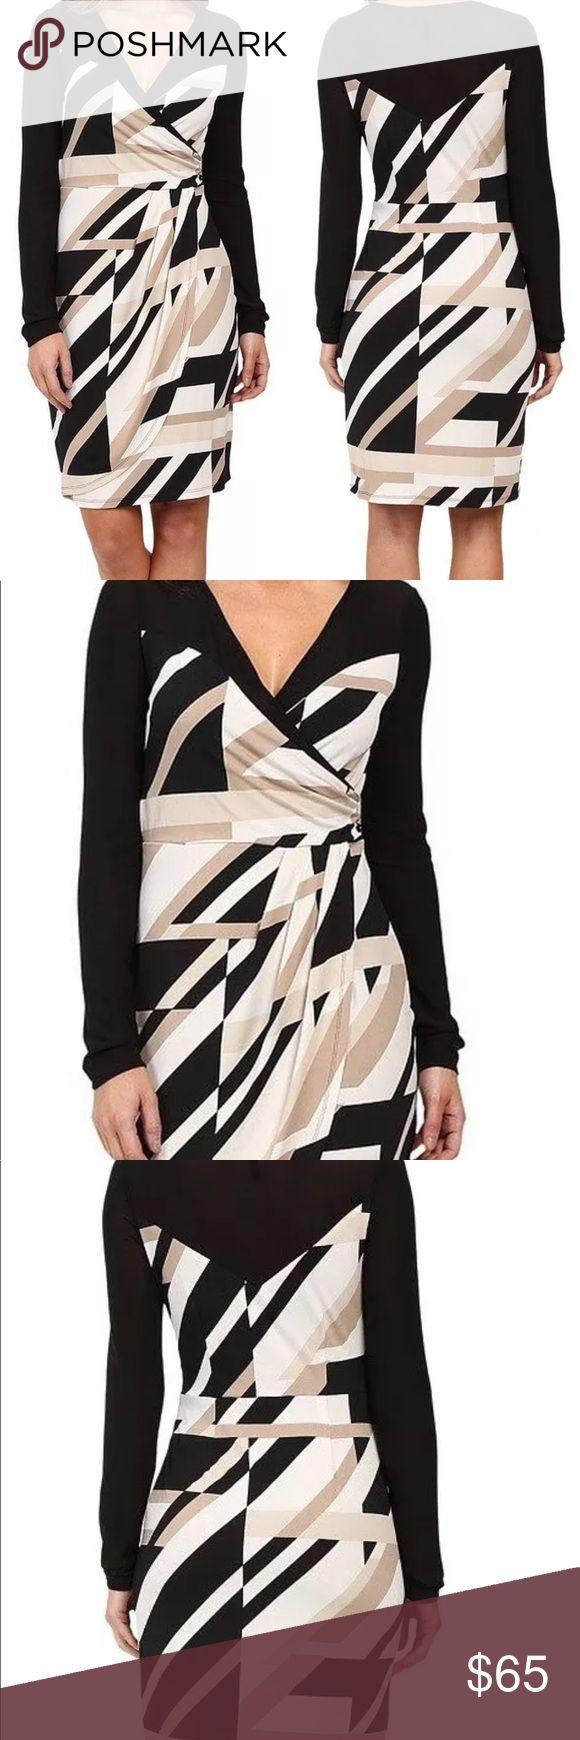 Laundry by Shelli Segal Faux Wrap Dress Size 6 M Laundry by Shelli Segal Faux Wr…